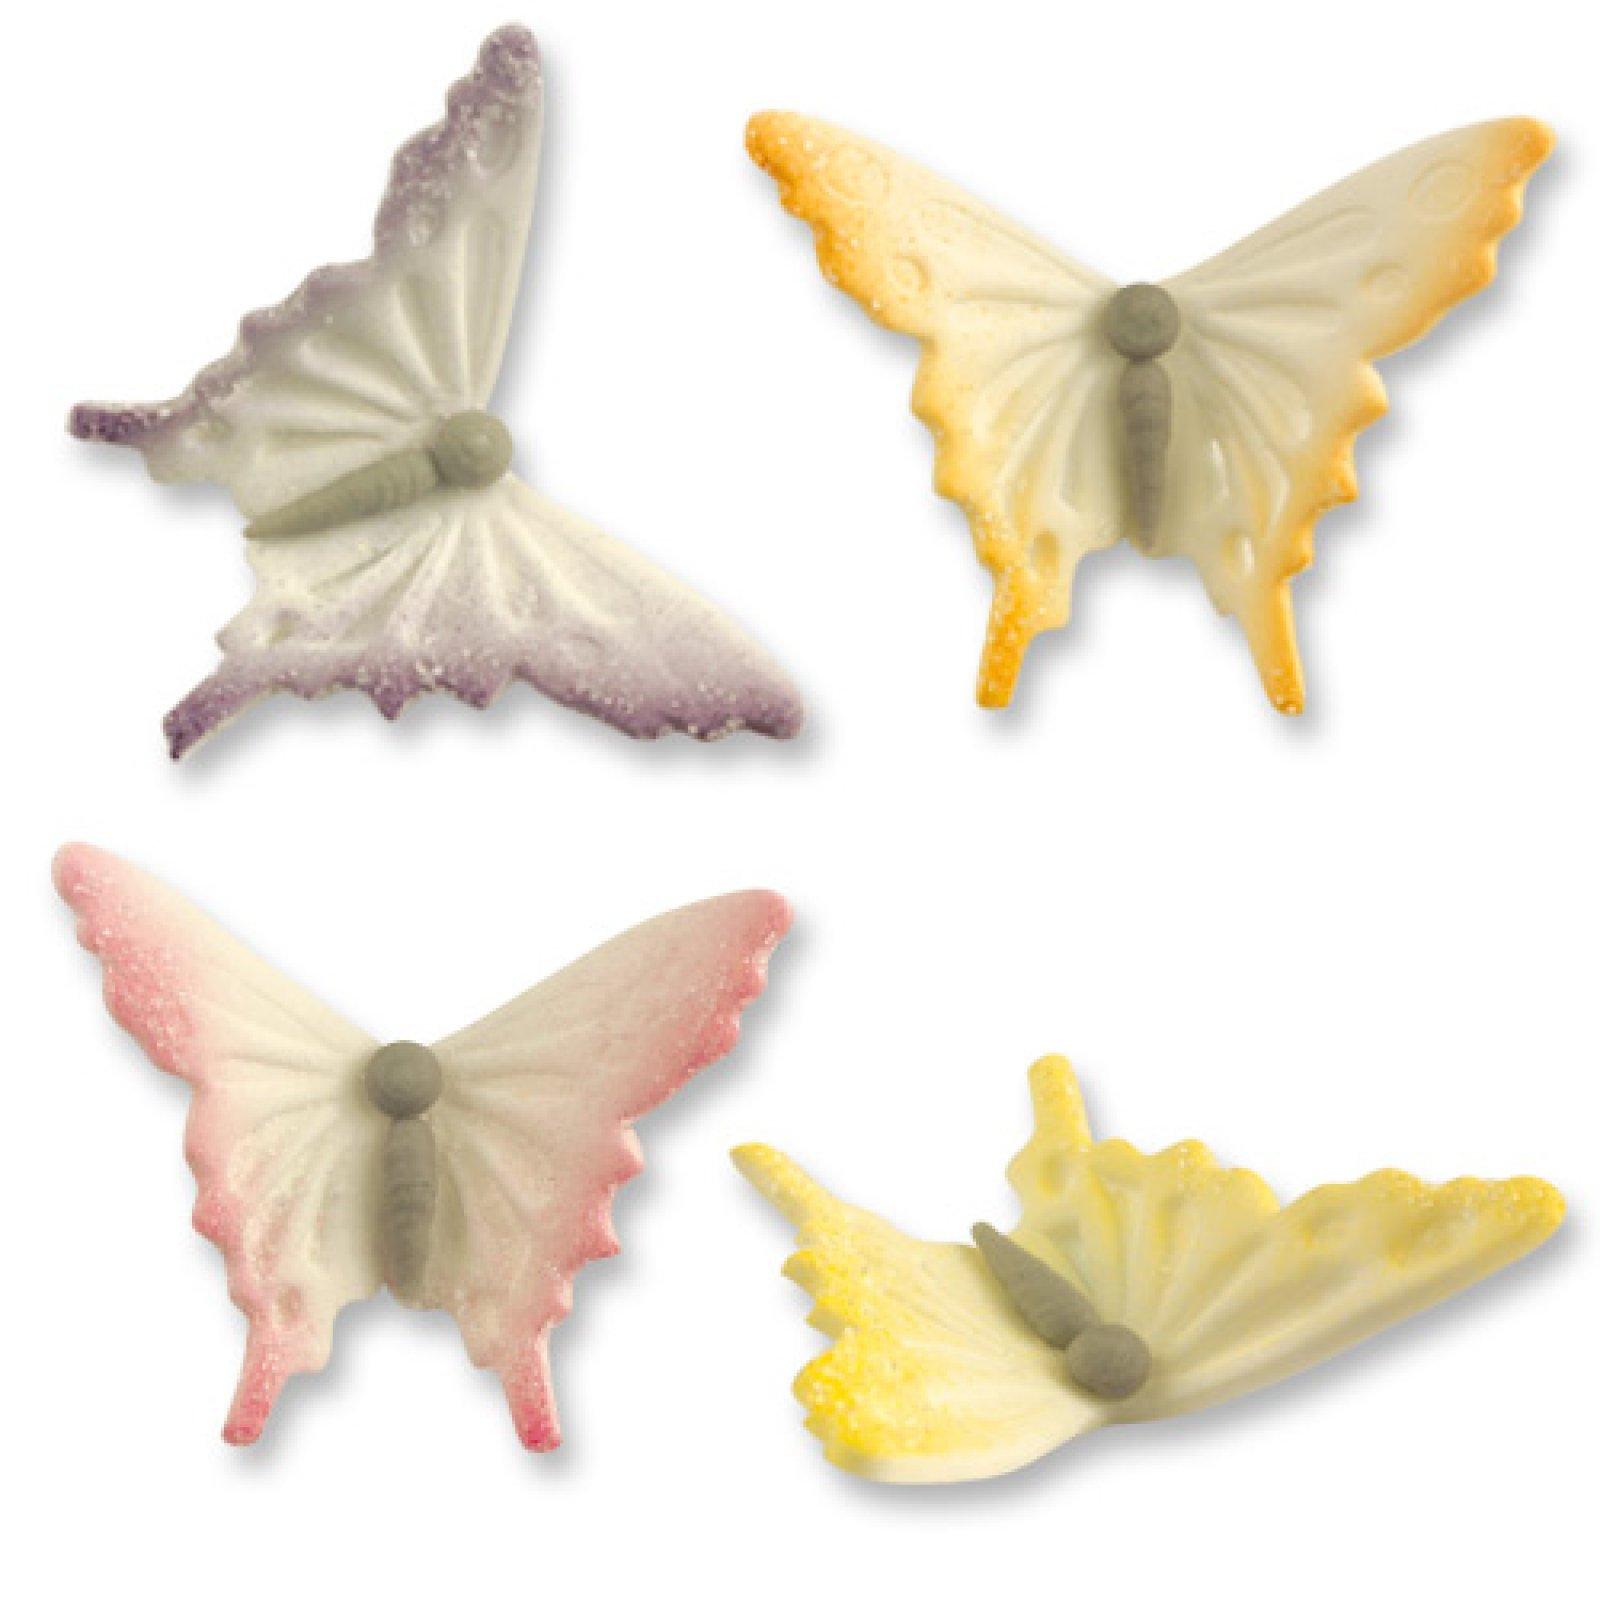 Schmetterlinge aus Zucker, 24 Stück | der-ideen-shop.de